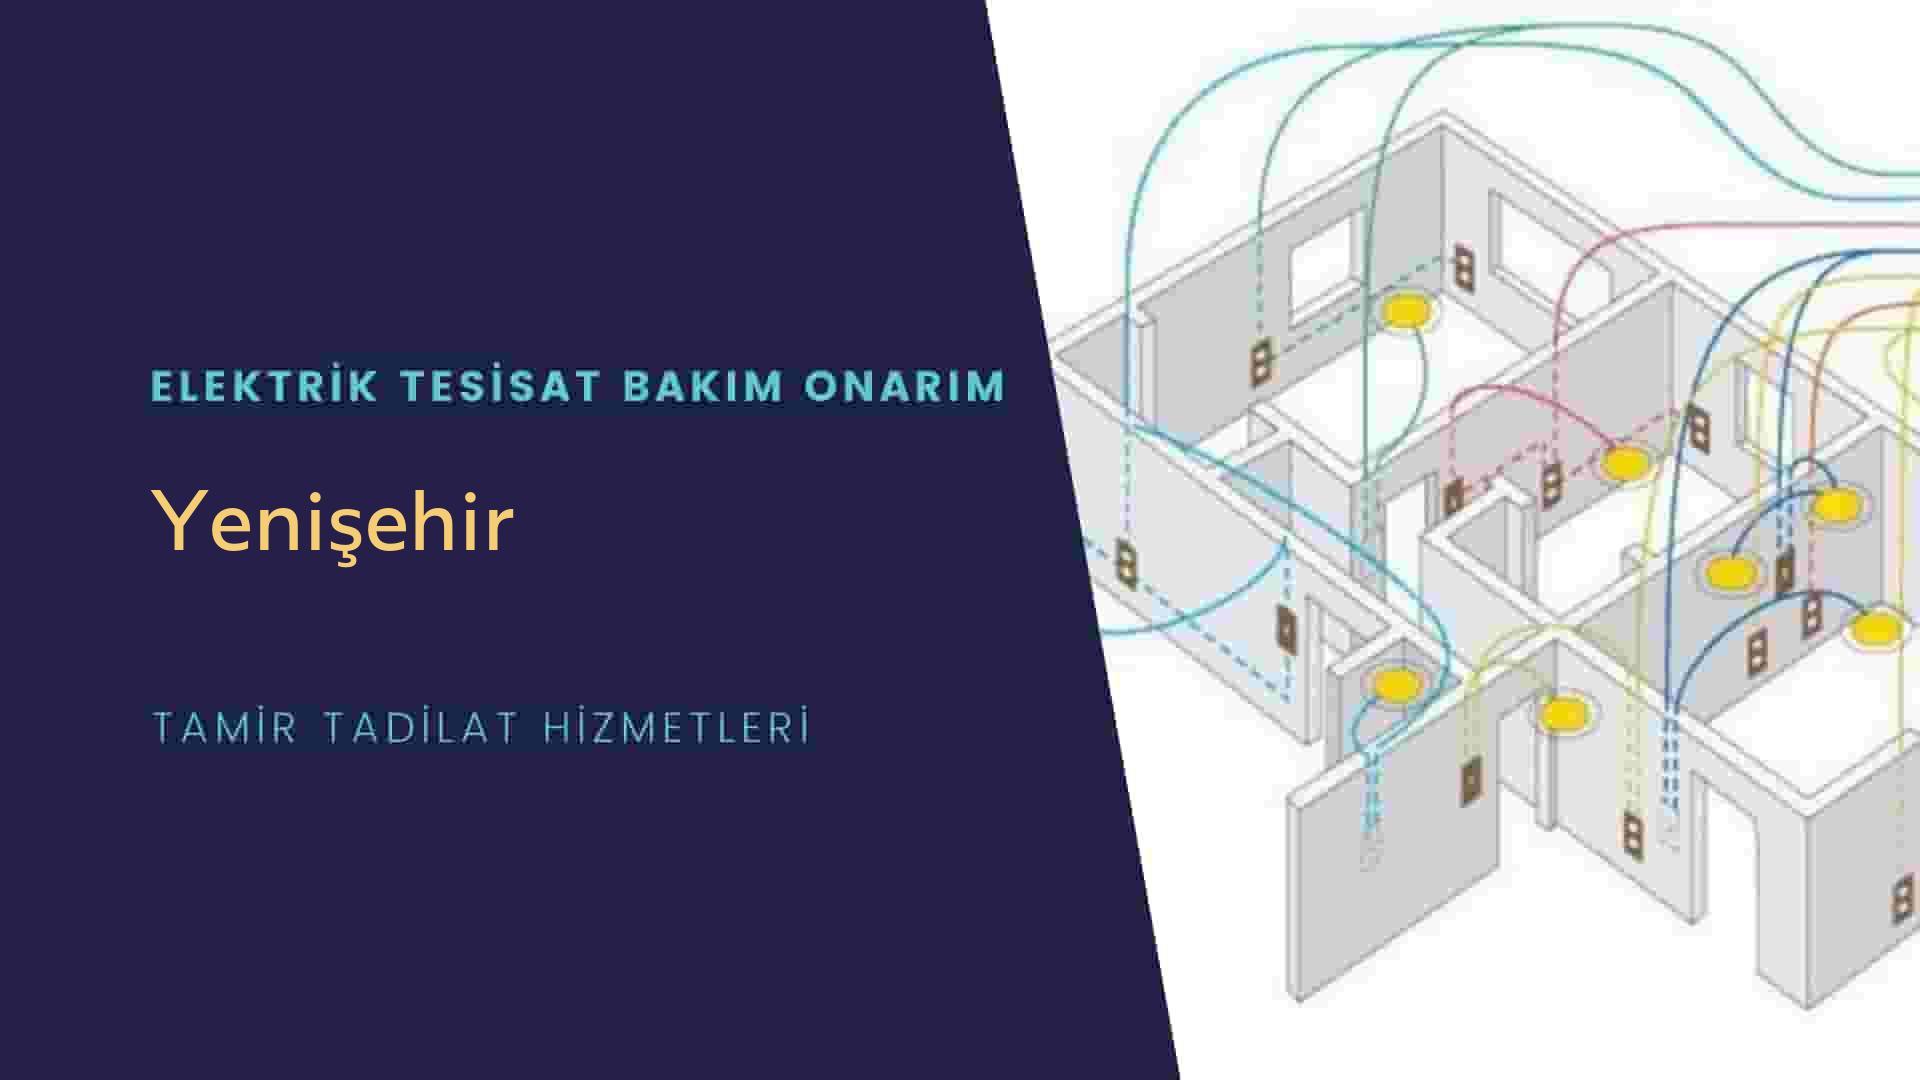 Yenişehir'de elektrik tesisatıustalarımı arıyorsunuz doğru adrestenizi Yenişehir elektrik tesisatı ustalarımız 7/24 sizlere hizmet vermekten mutluluk duyar.